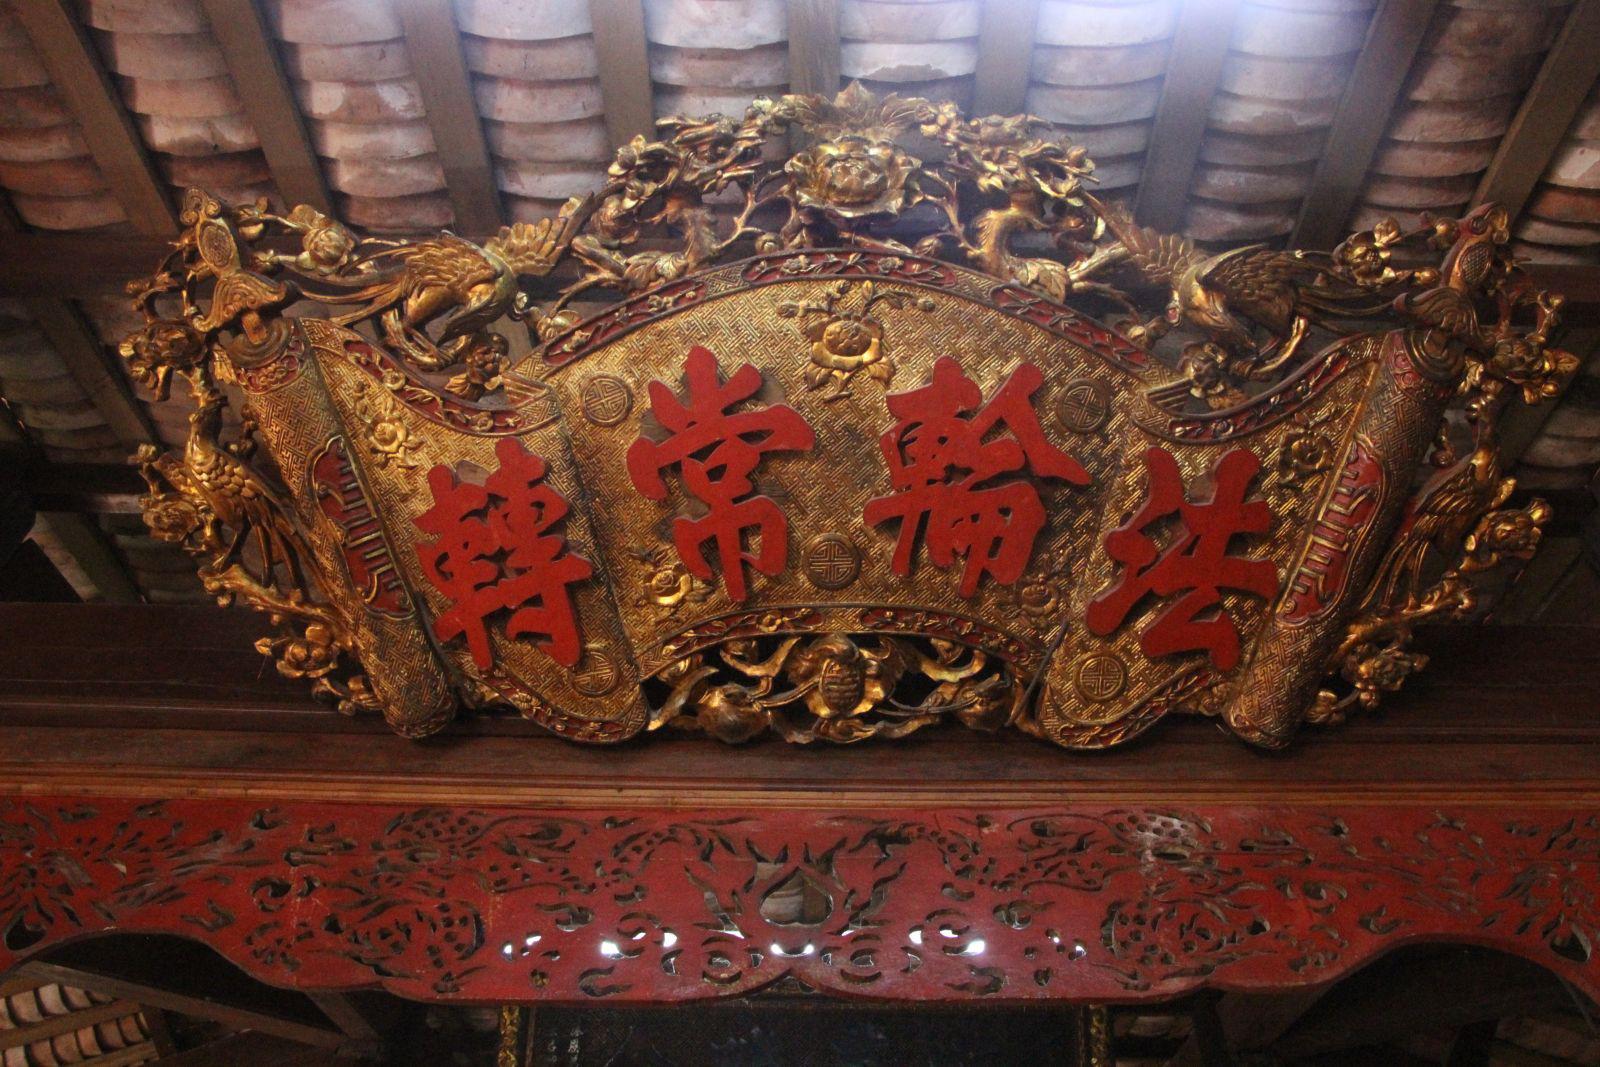 Long An: Một ấp nhỏ thôi mà lần lượt mọc lên 4 ngôi chùa, chùa nào là chùa quan trọng nhất? - Ảnh 5.